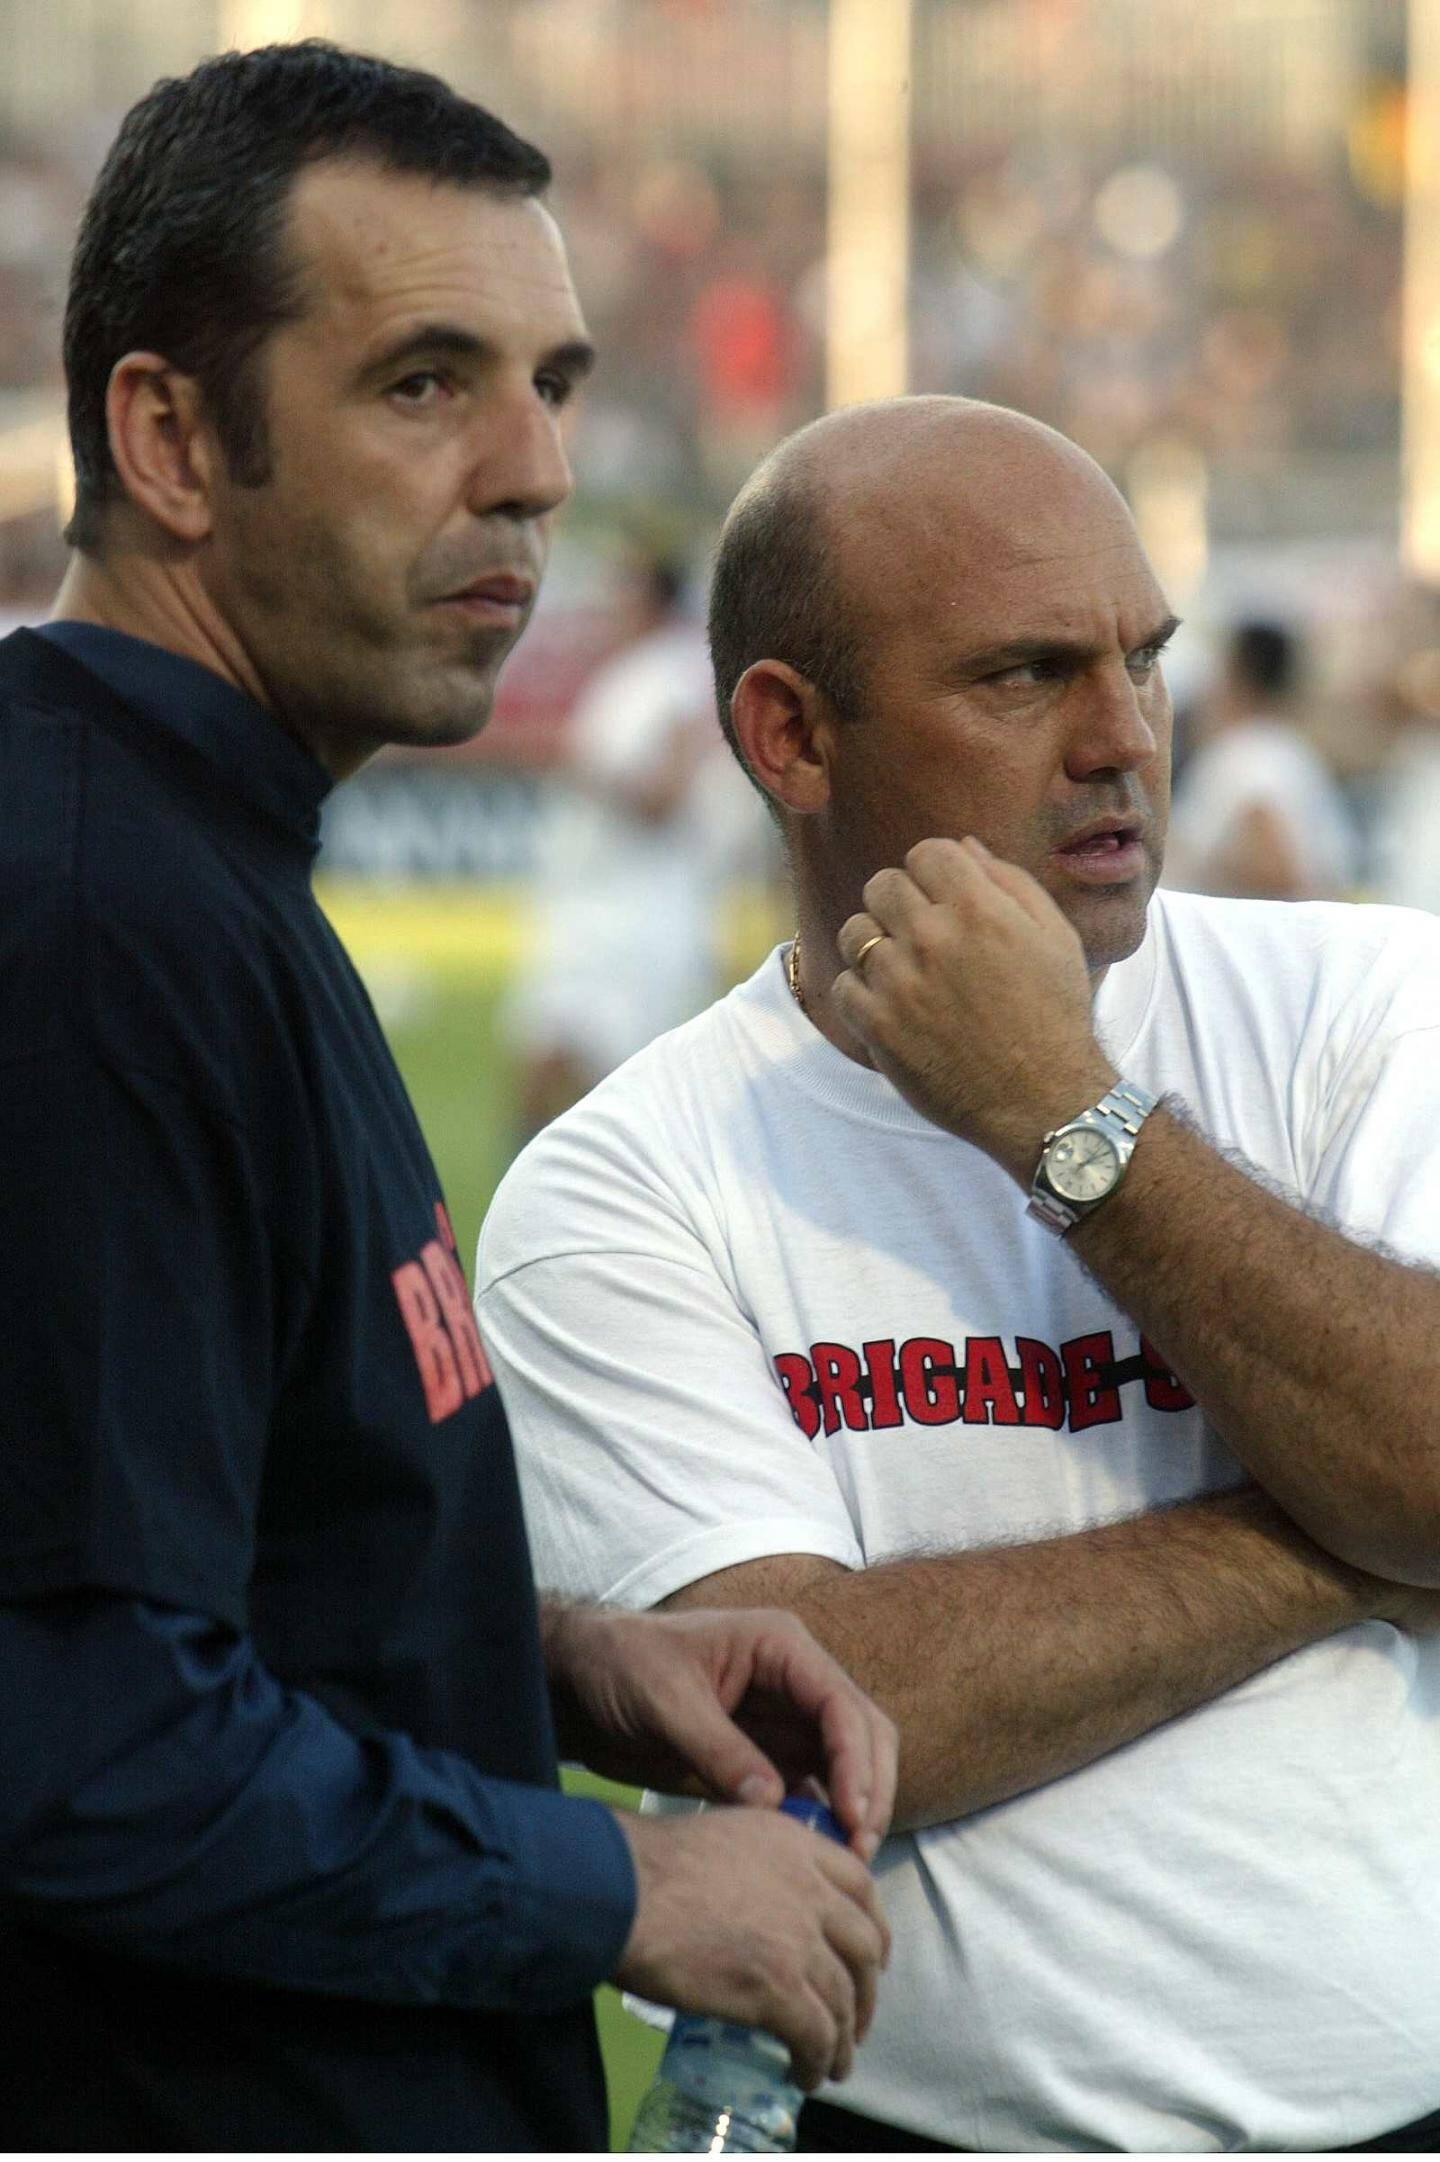 Un directeur sportif avec de la poigne.